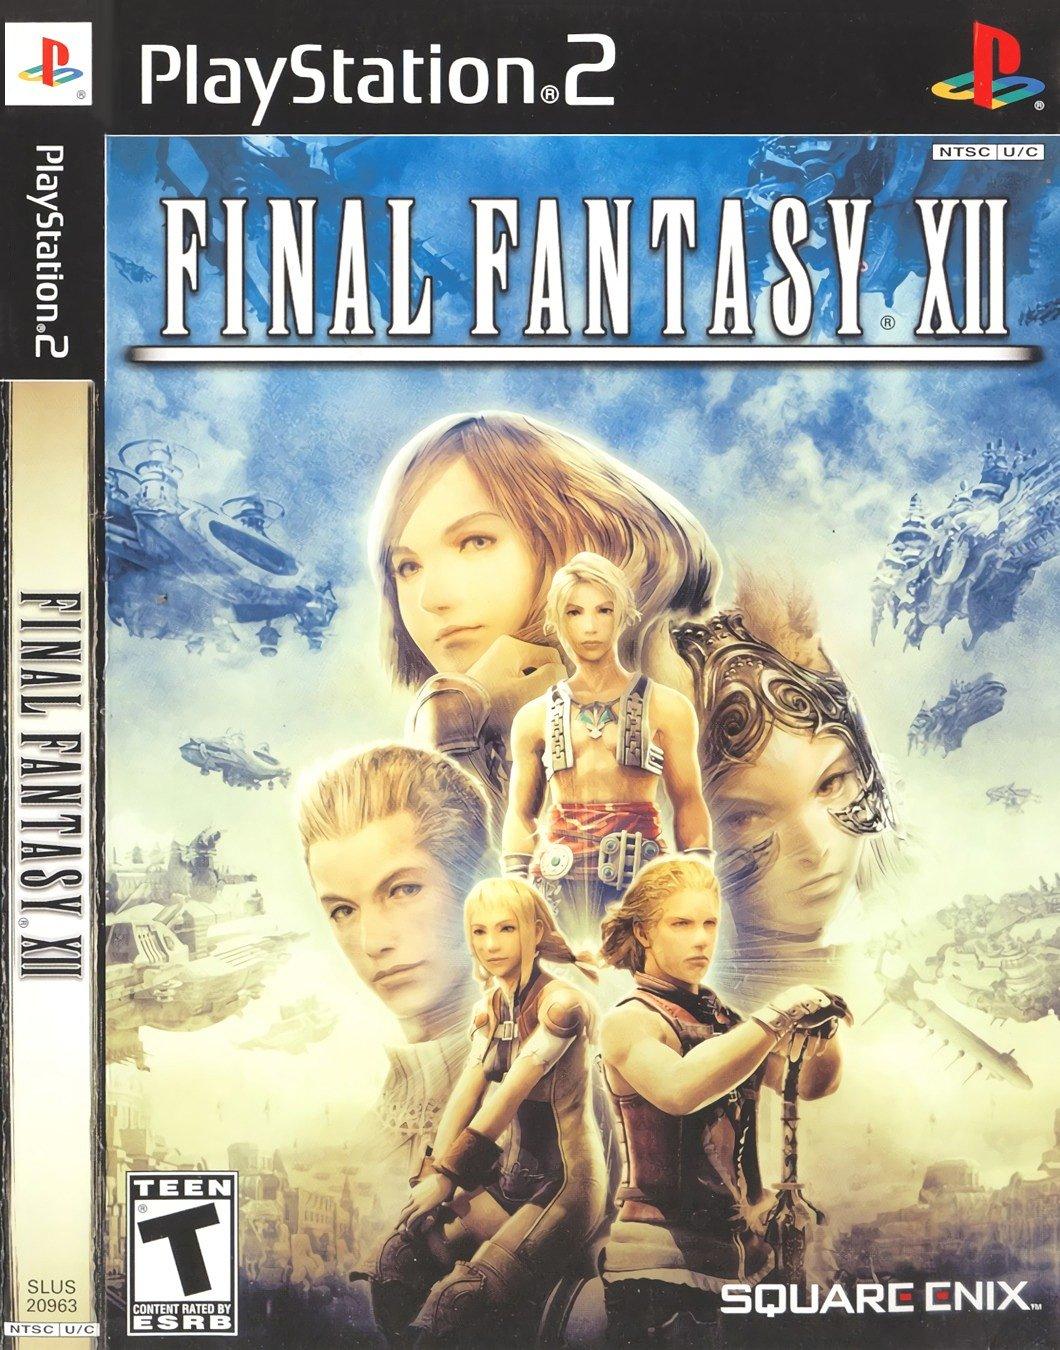 Final Fantasy XII - PCSX2 Wiki